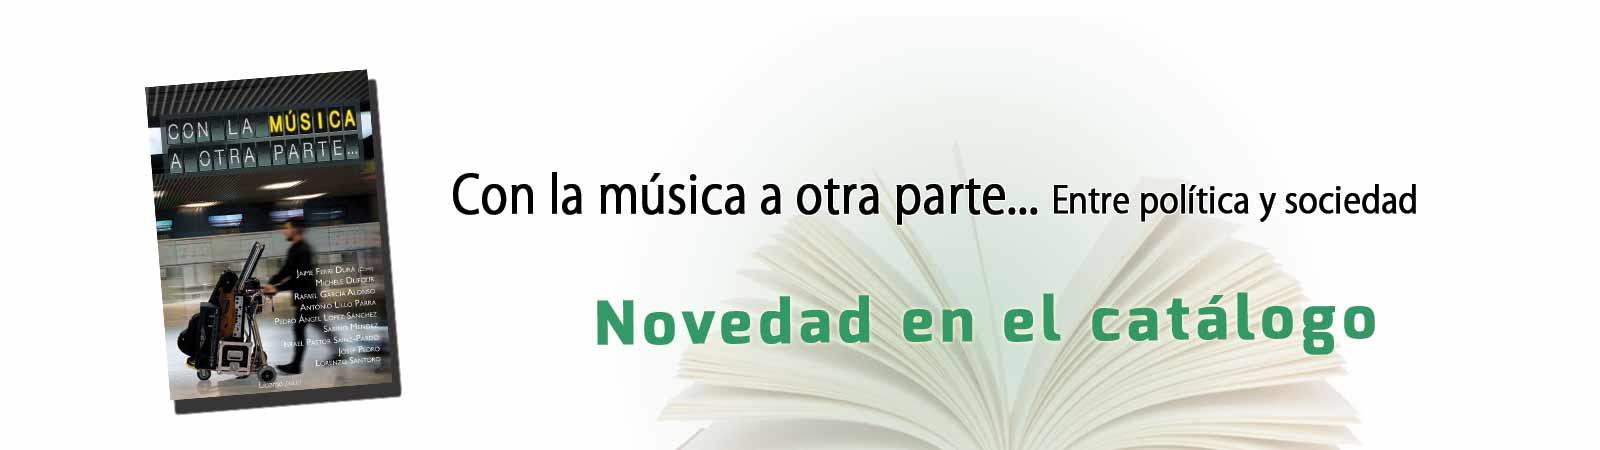 banner-con-la-musica